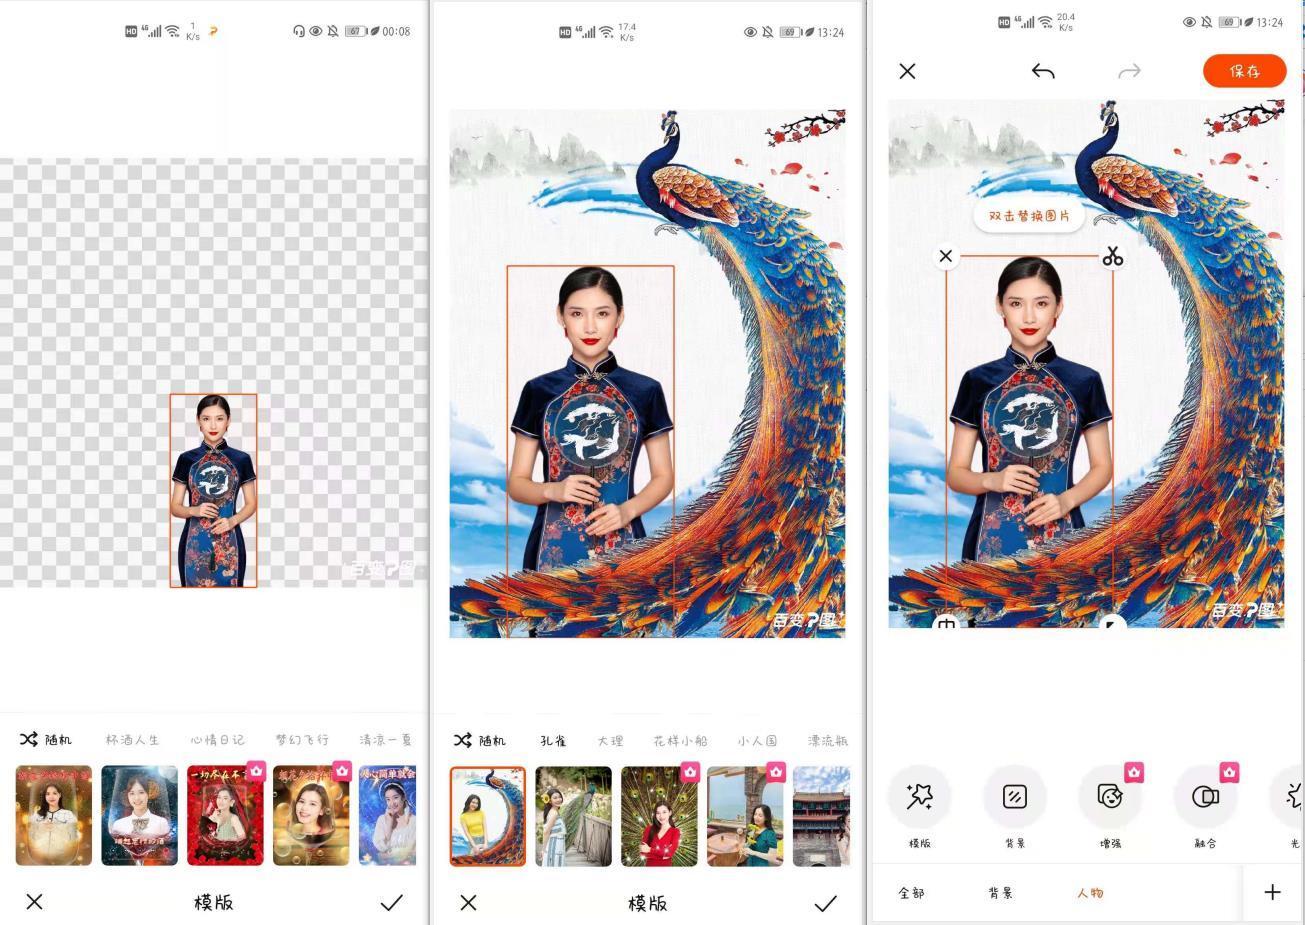 照片替换背景怎么做?百变P图app分享一个省事的办法